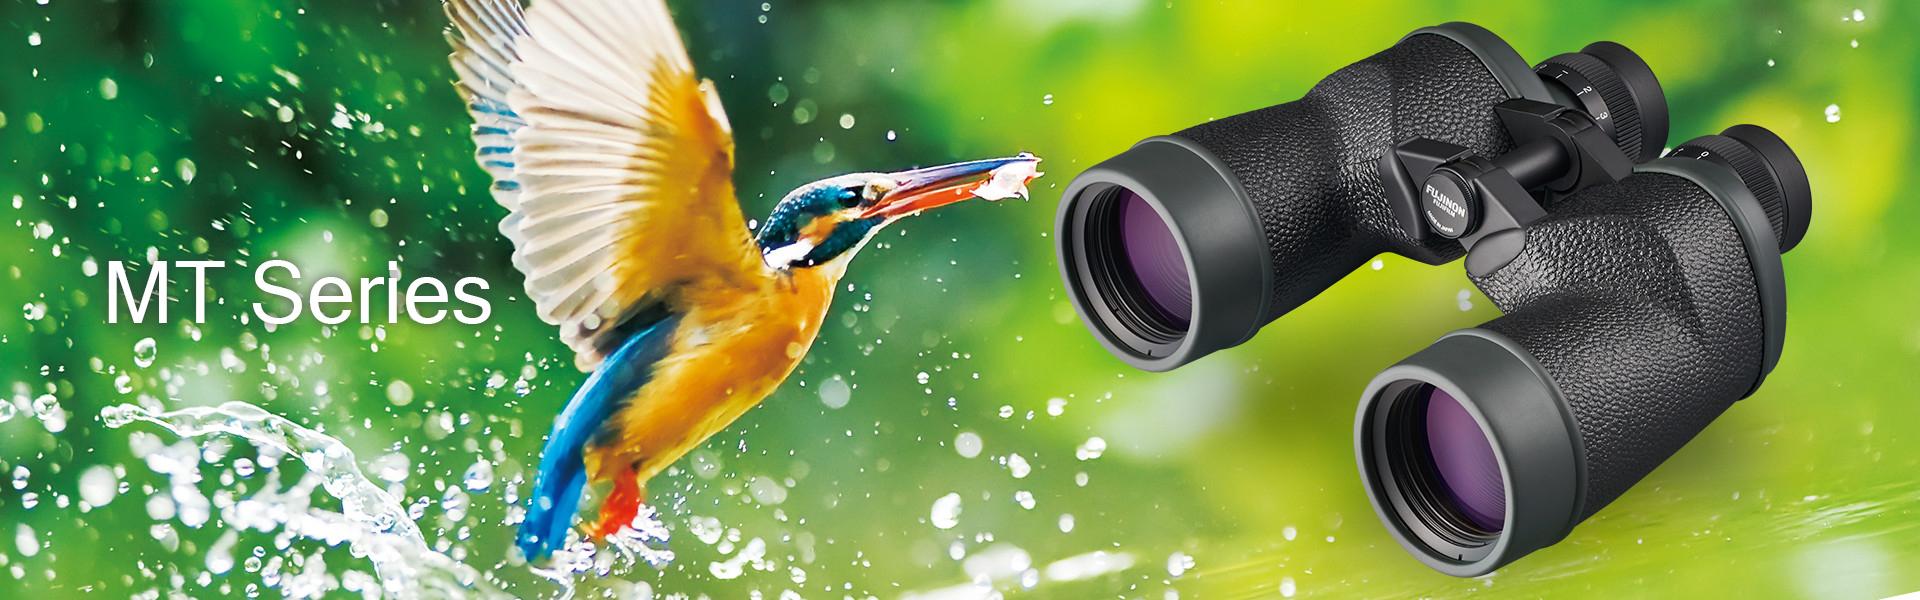 [사진] 흐릿한 녹색을 배경으로 벌새가 물을 튀기면서 날고 있는 그림 앞에 놓인 블랙 쌍안경